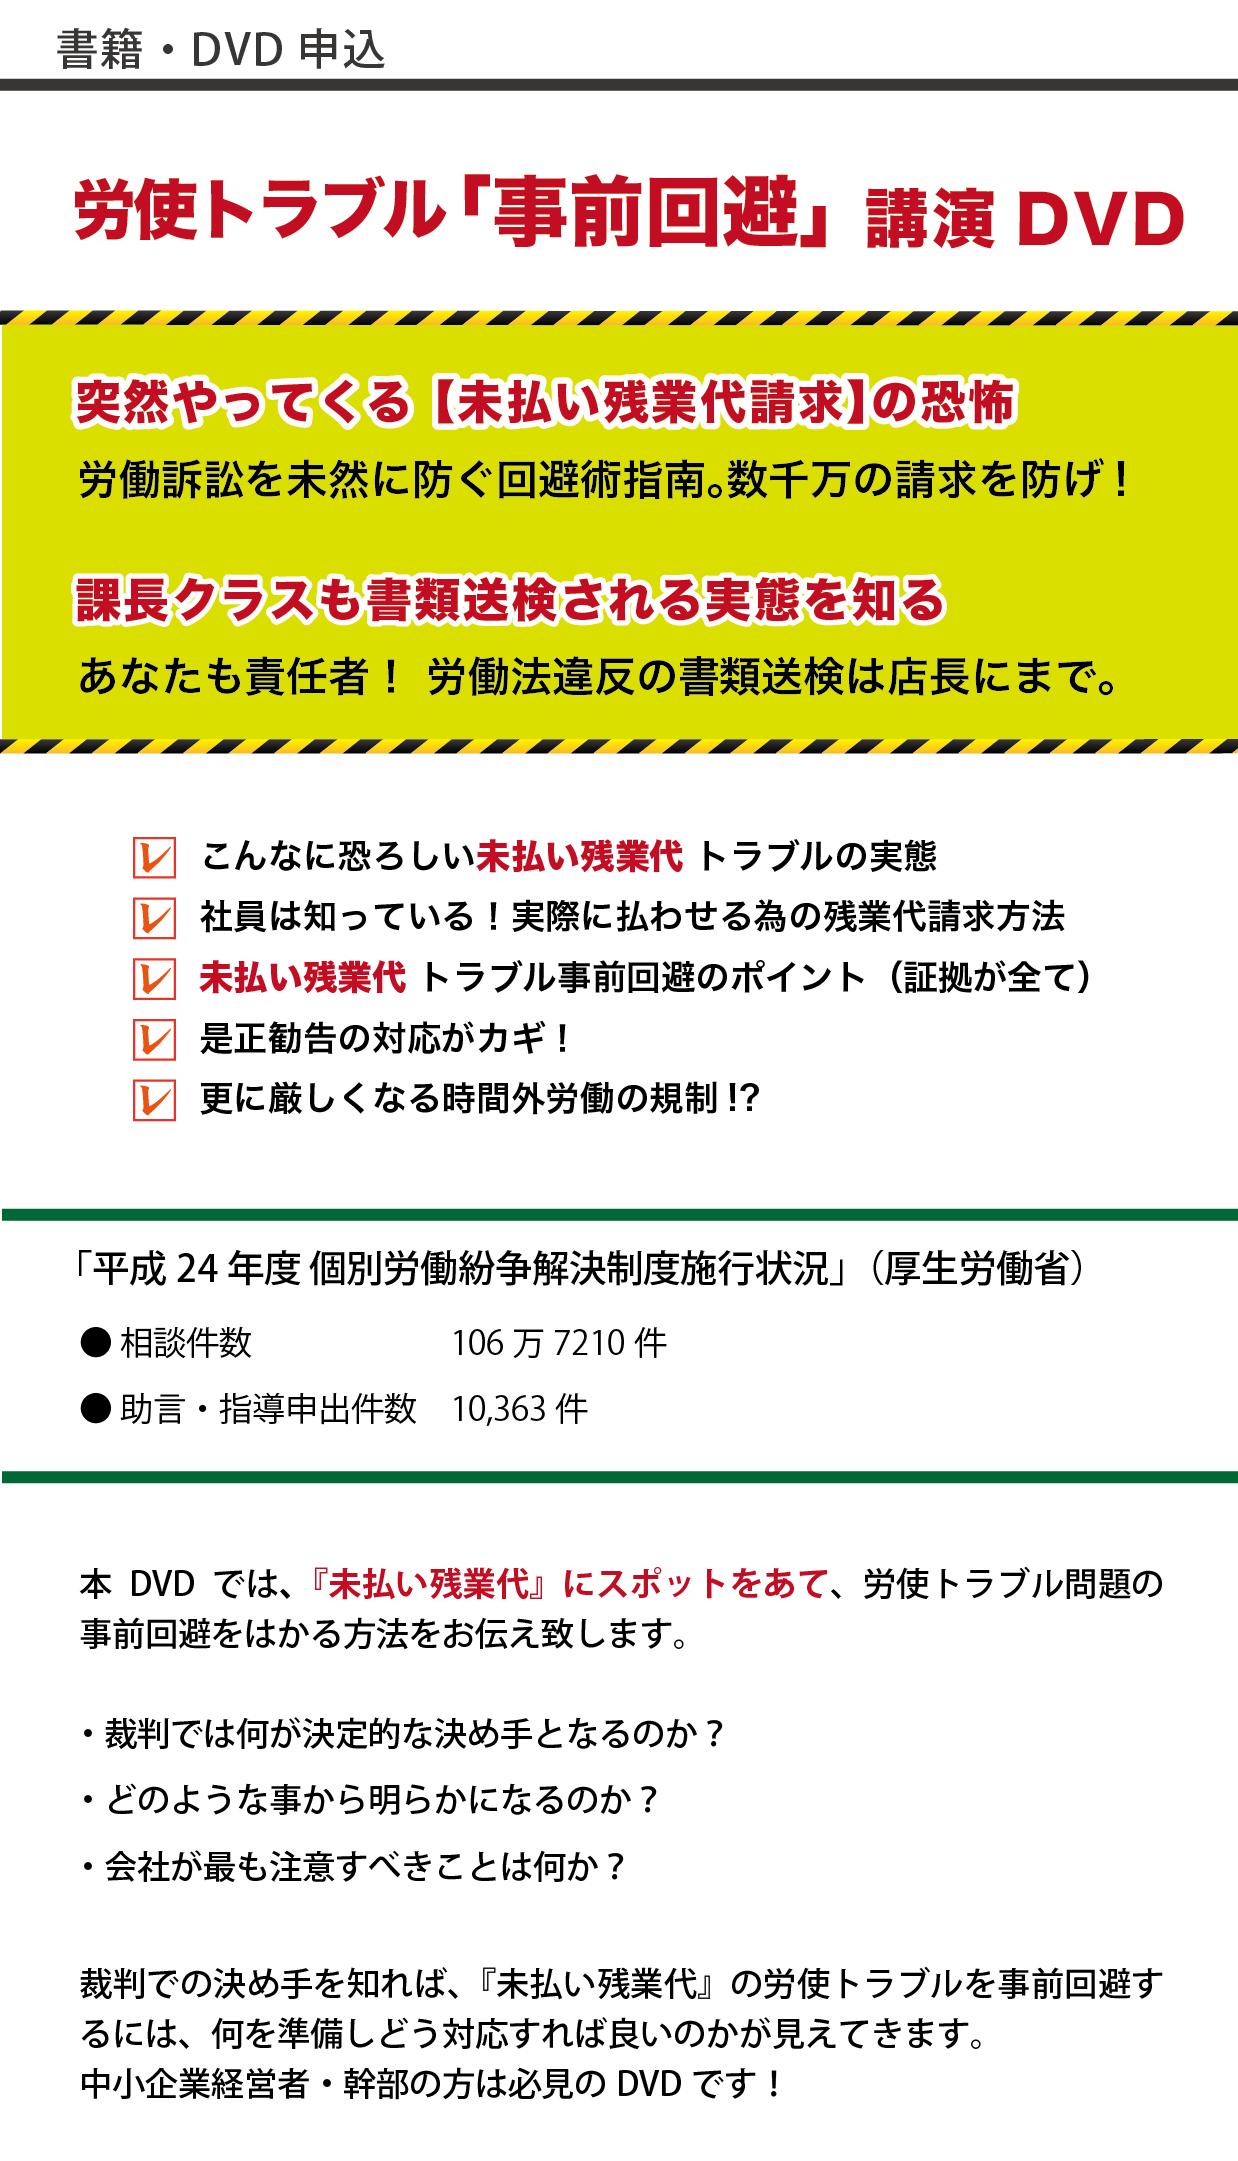 DVD_rousi_kaihi_01